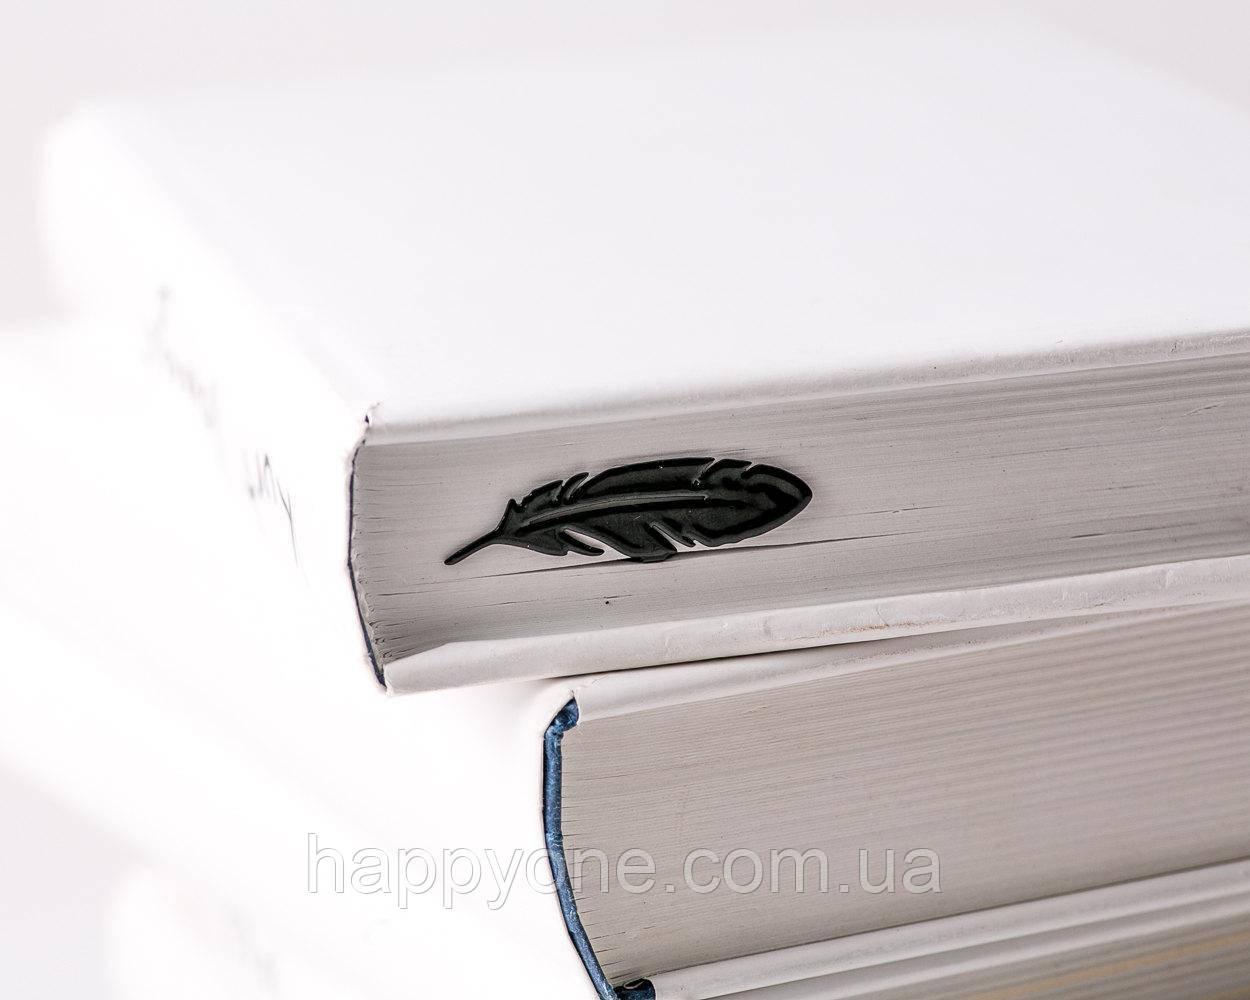 Закладка для книг Перо